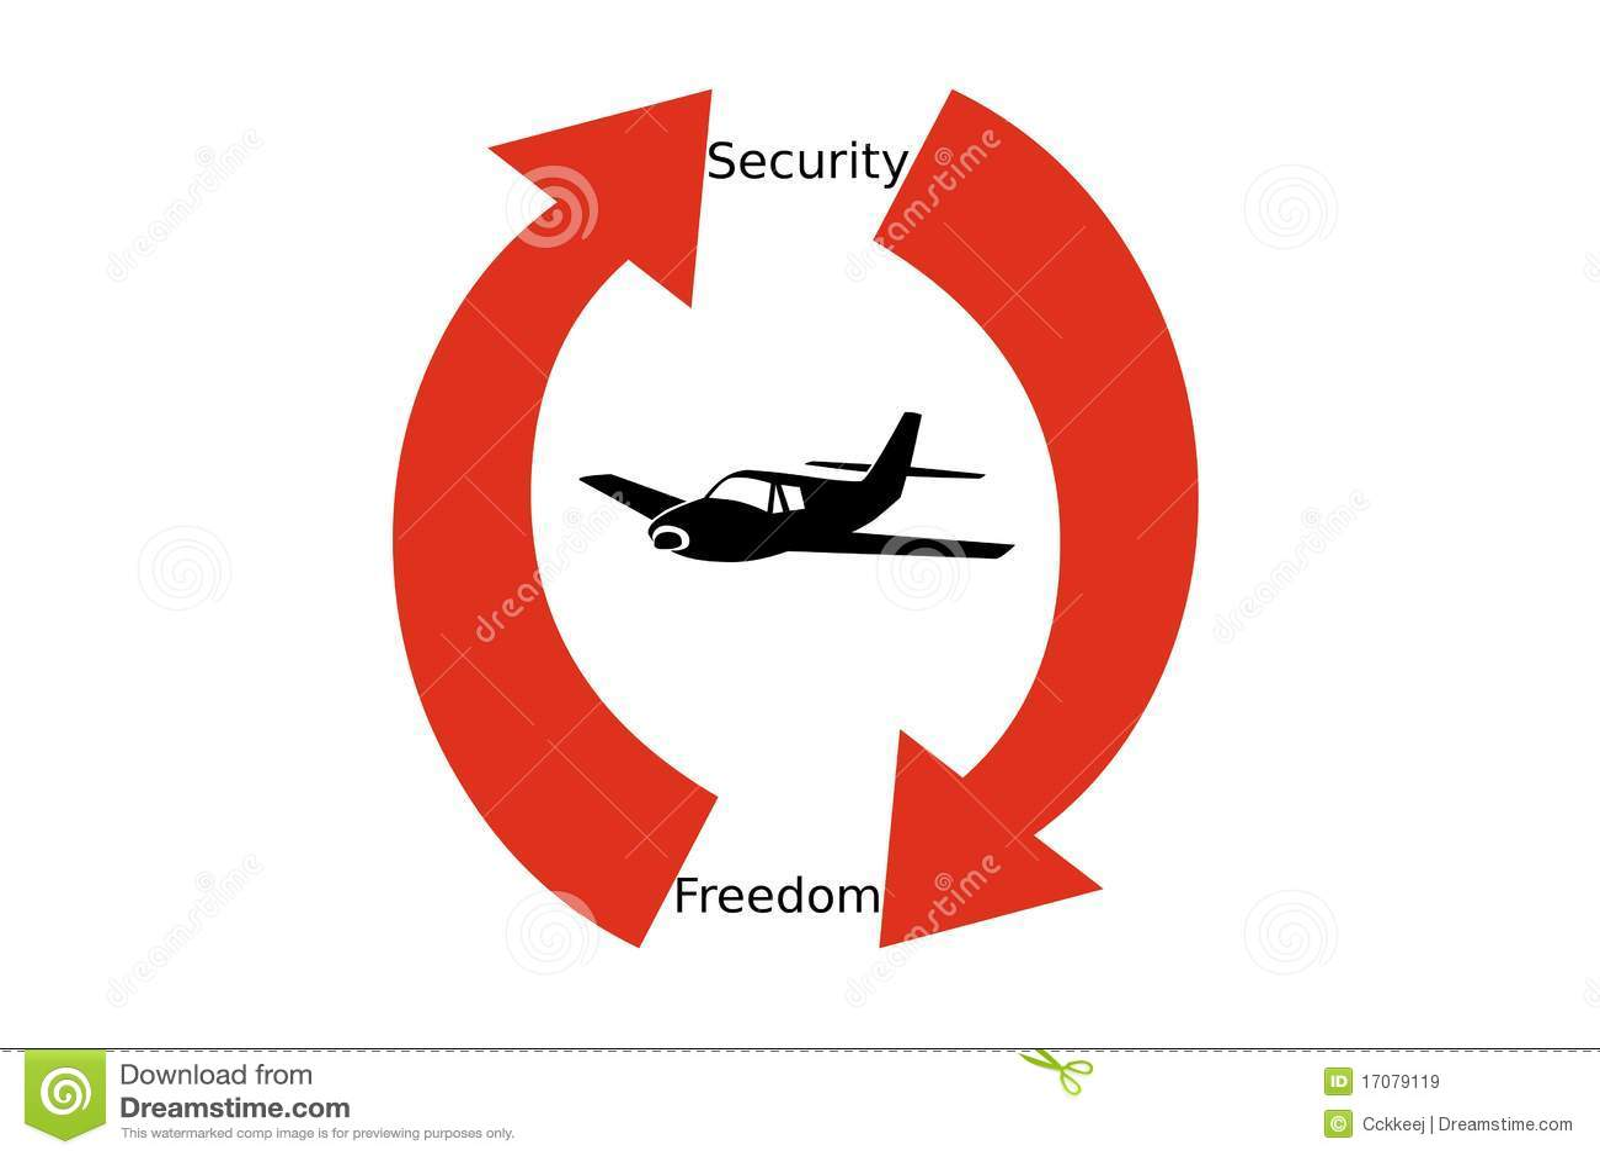 Garantie contre la liberté dans des transports aériens